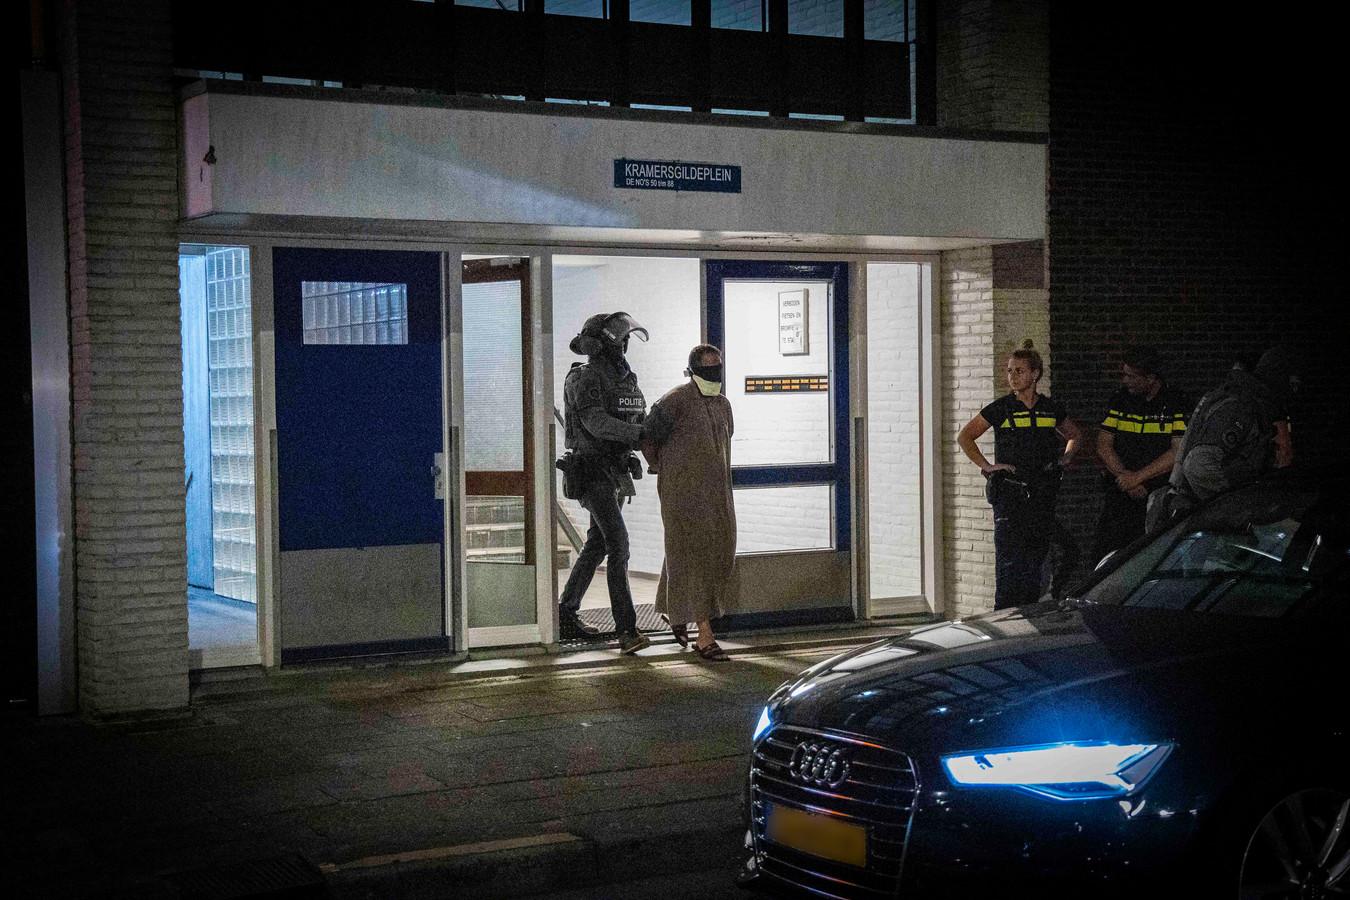 De aangehouden man wordt met een kap over zijn hoofd naar buiten gebracht  in Arnhem.